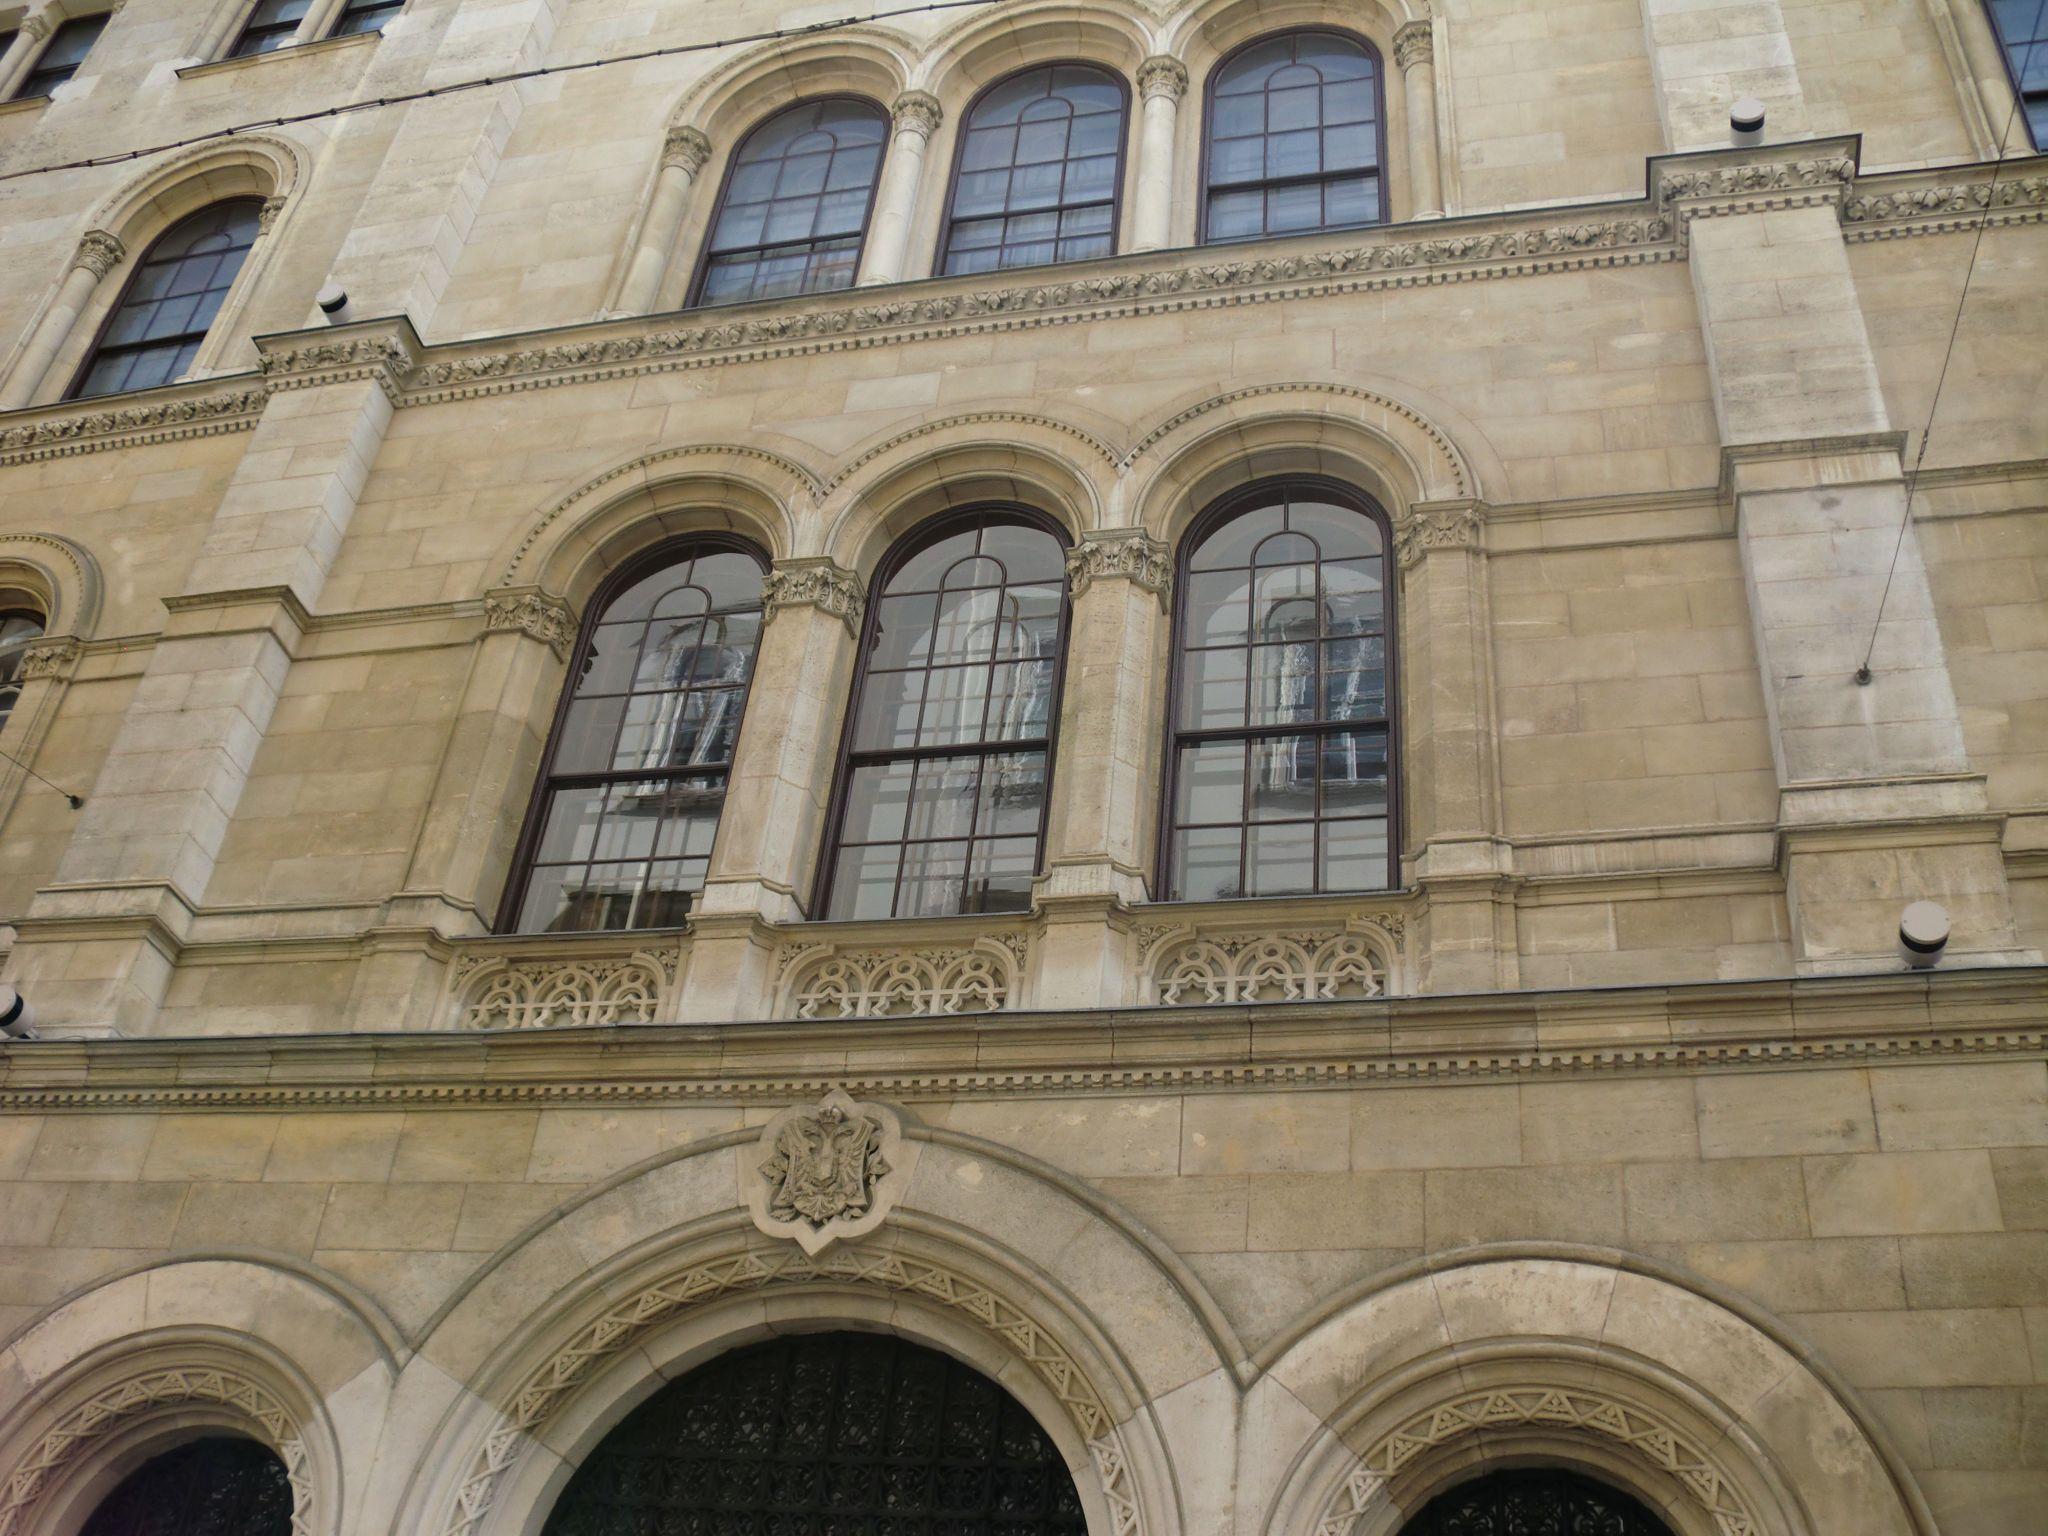 Vienna architecture 12 1440x1080 - Vienna: elegant beauty